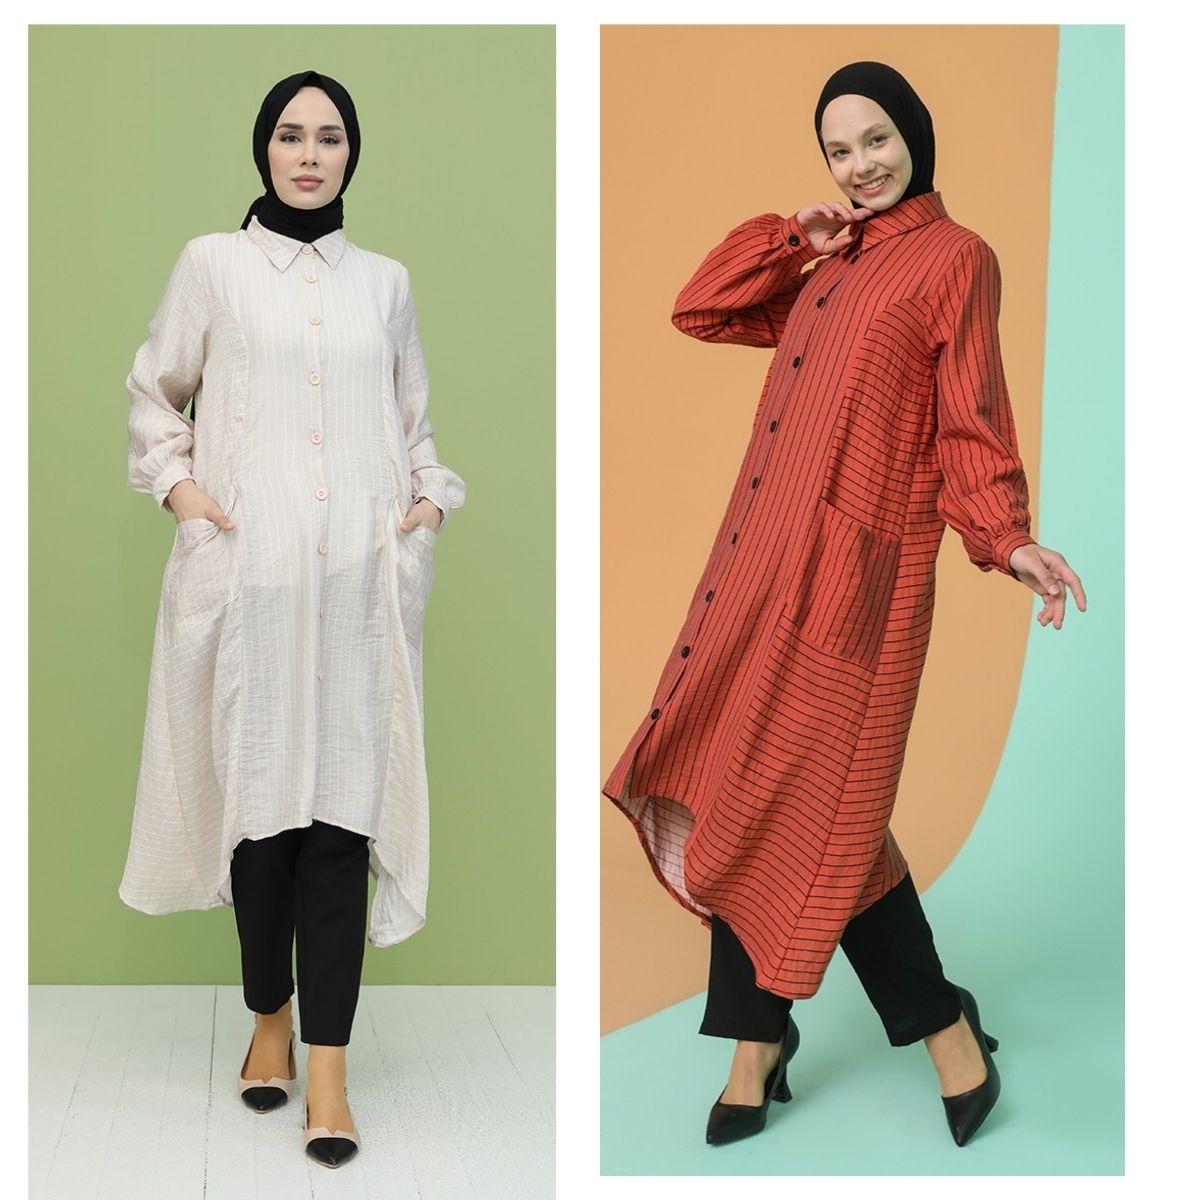 سترة مخططة بأزرار مع جيب غير متماثلة كم طويل ياقة صفر موسم لونين للنساء موضة إسلامية جلطة حجاب موسمية